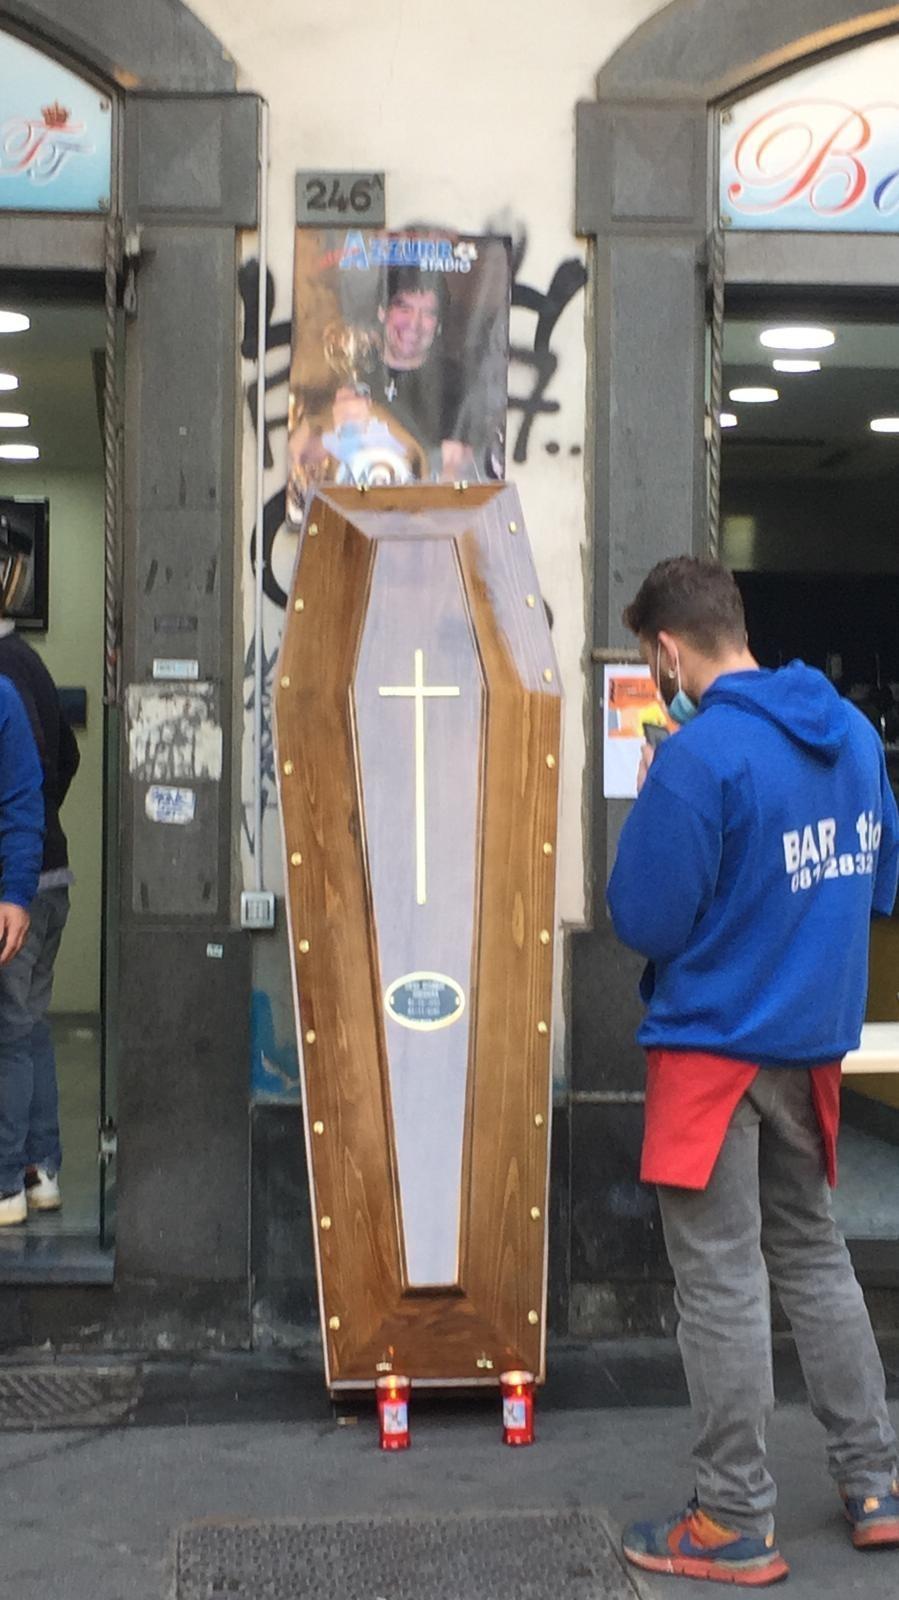 Caixão exposto nas ruas de Nápoles em homenagem a Maradona